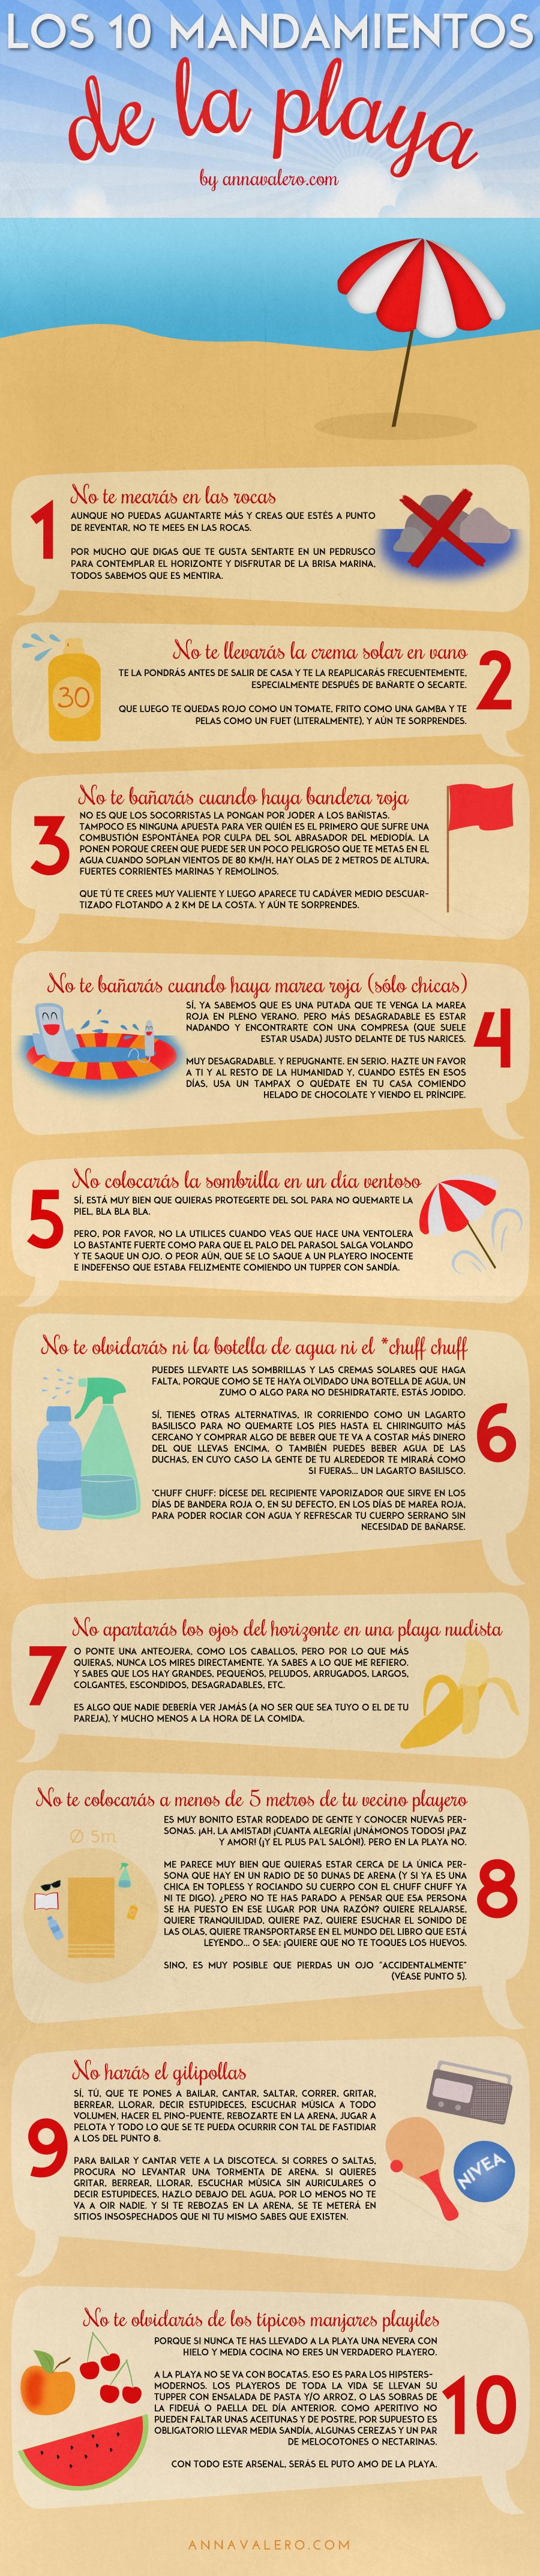 """Infografía """"Los 10 Mandamientos de la Playa"""""""